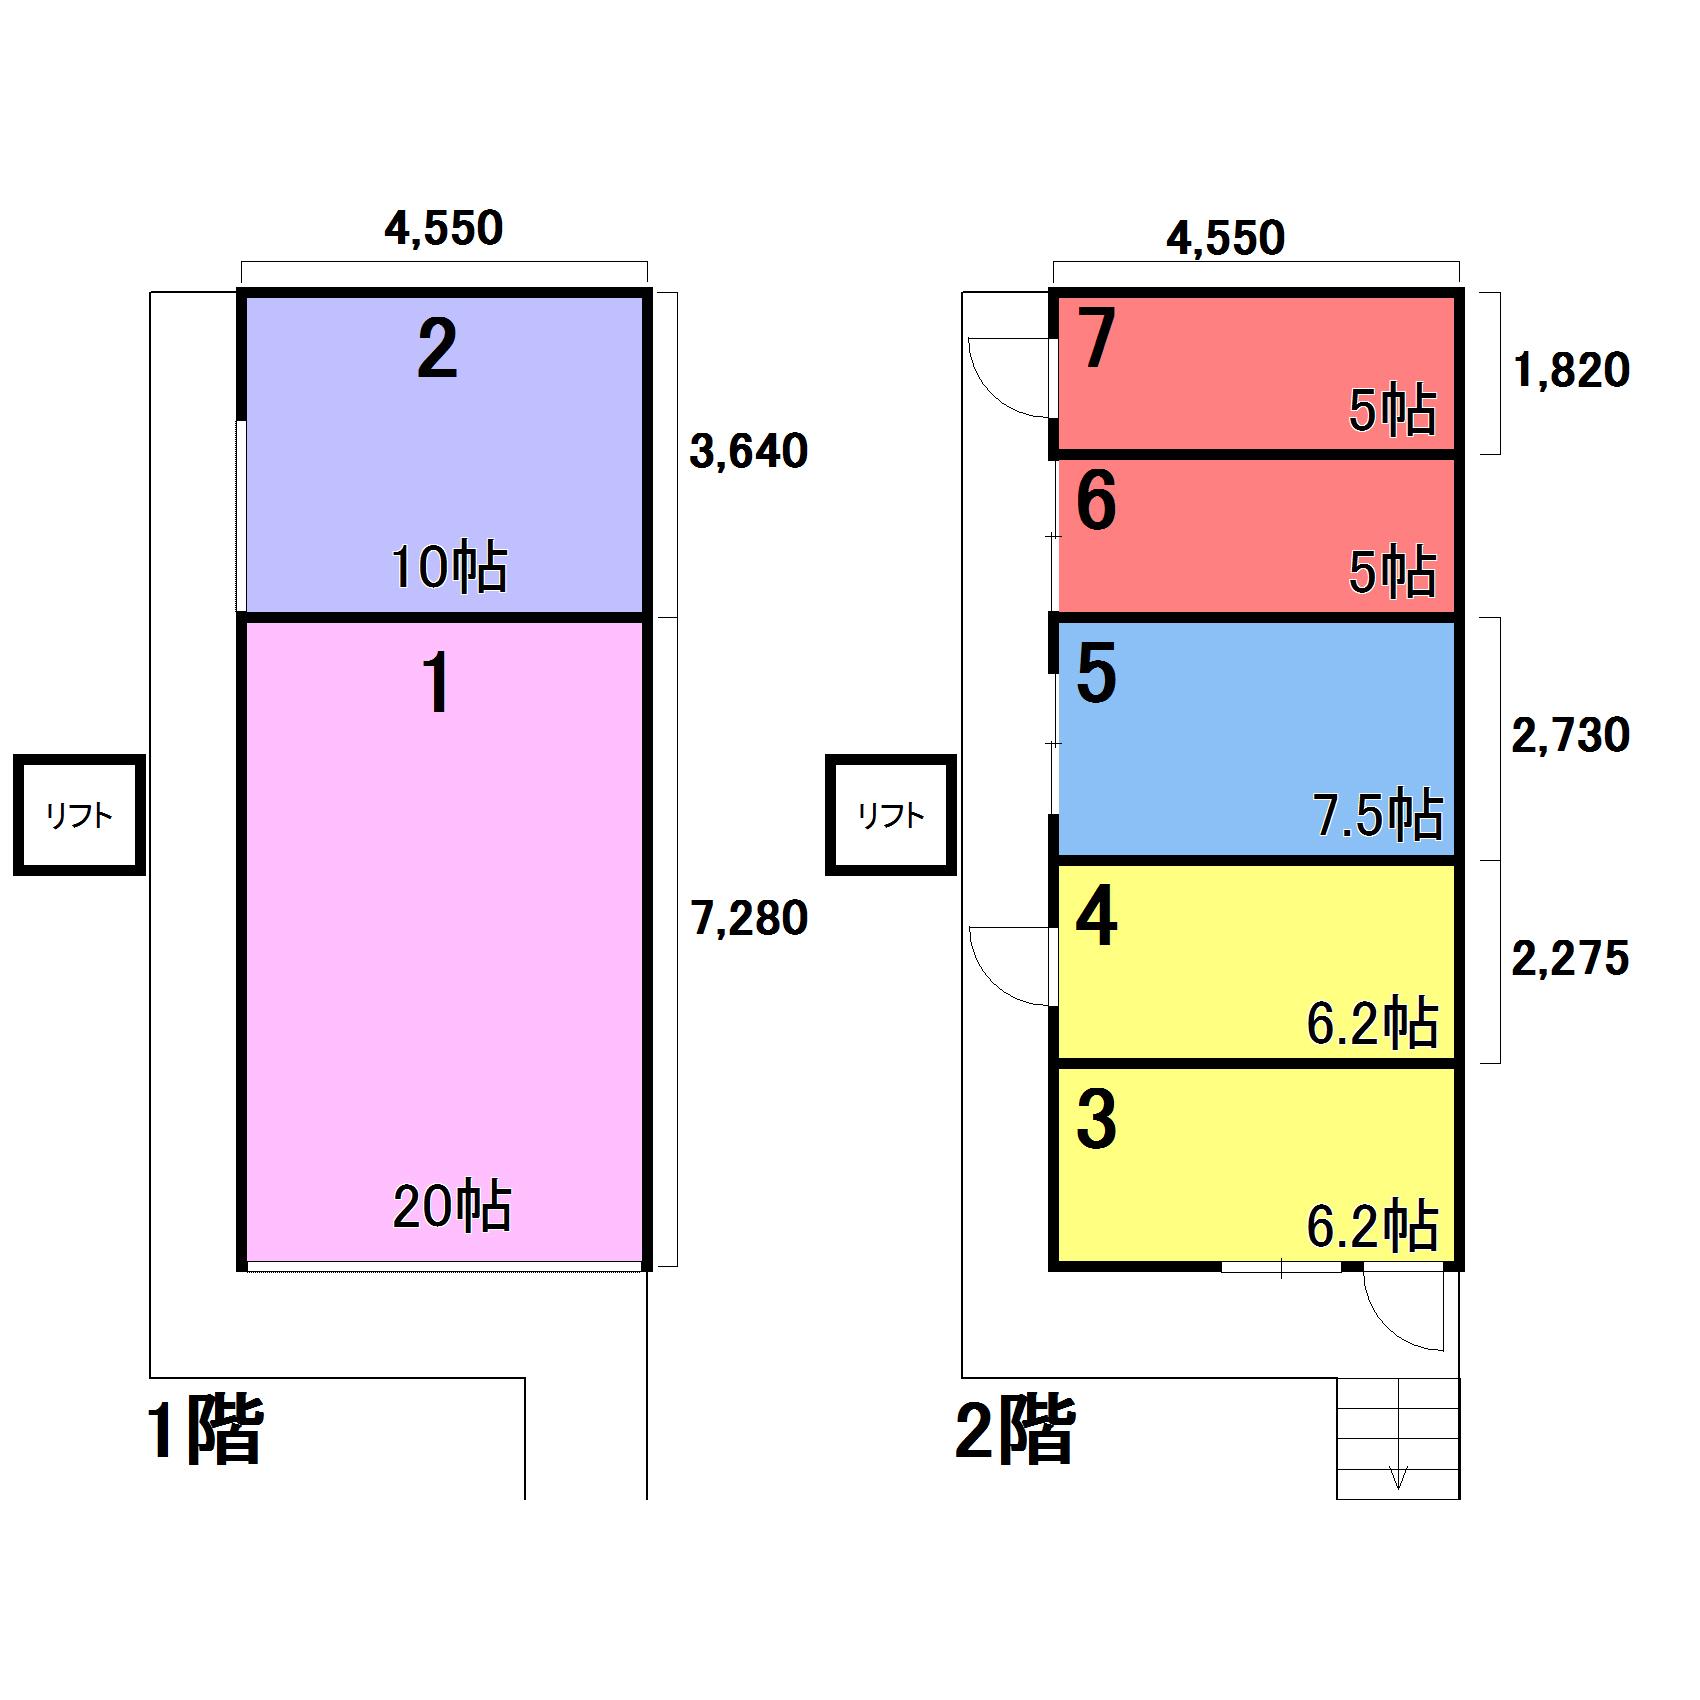 エヌピートランクタマキⅡB(レイアウト図)